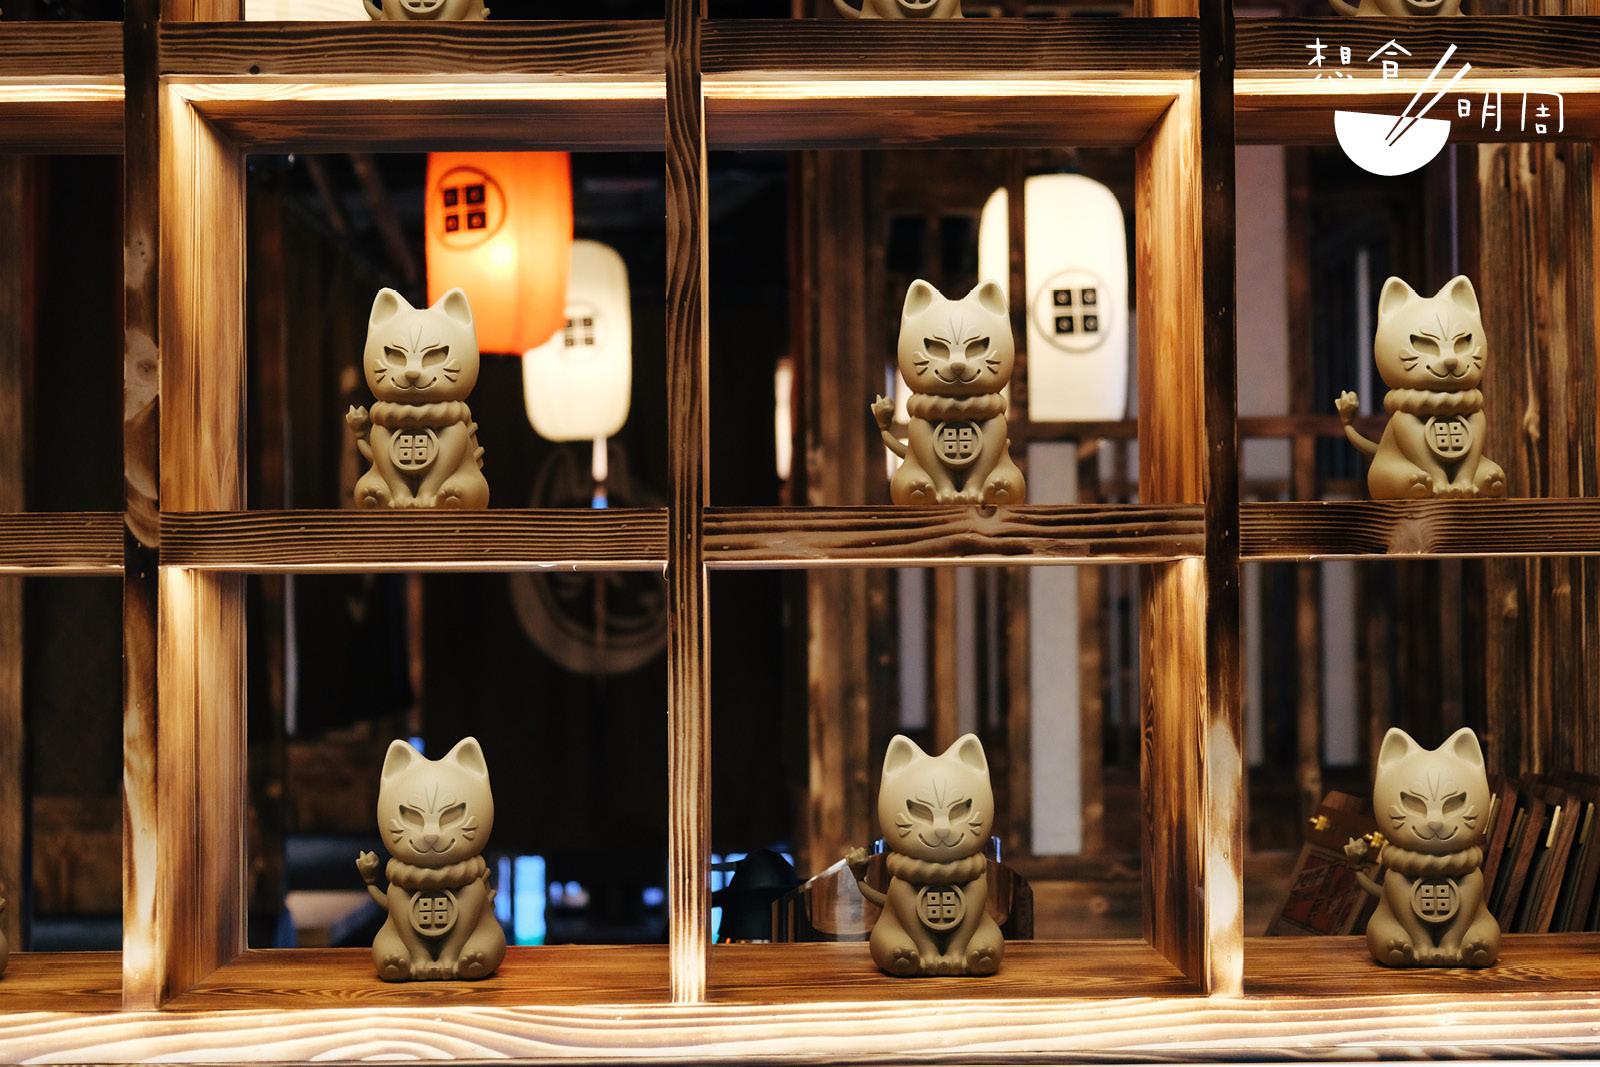 餐廳內都充滿着各種與狐狸相關的擺設!